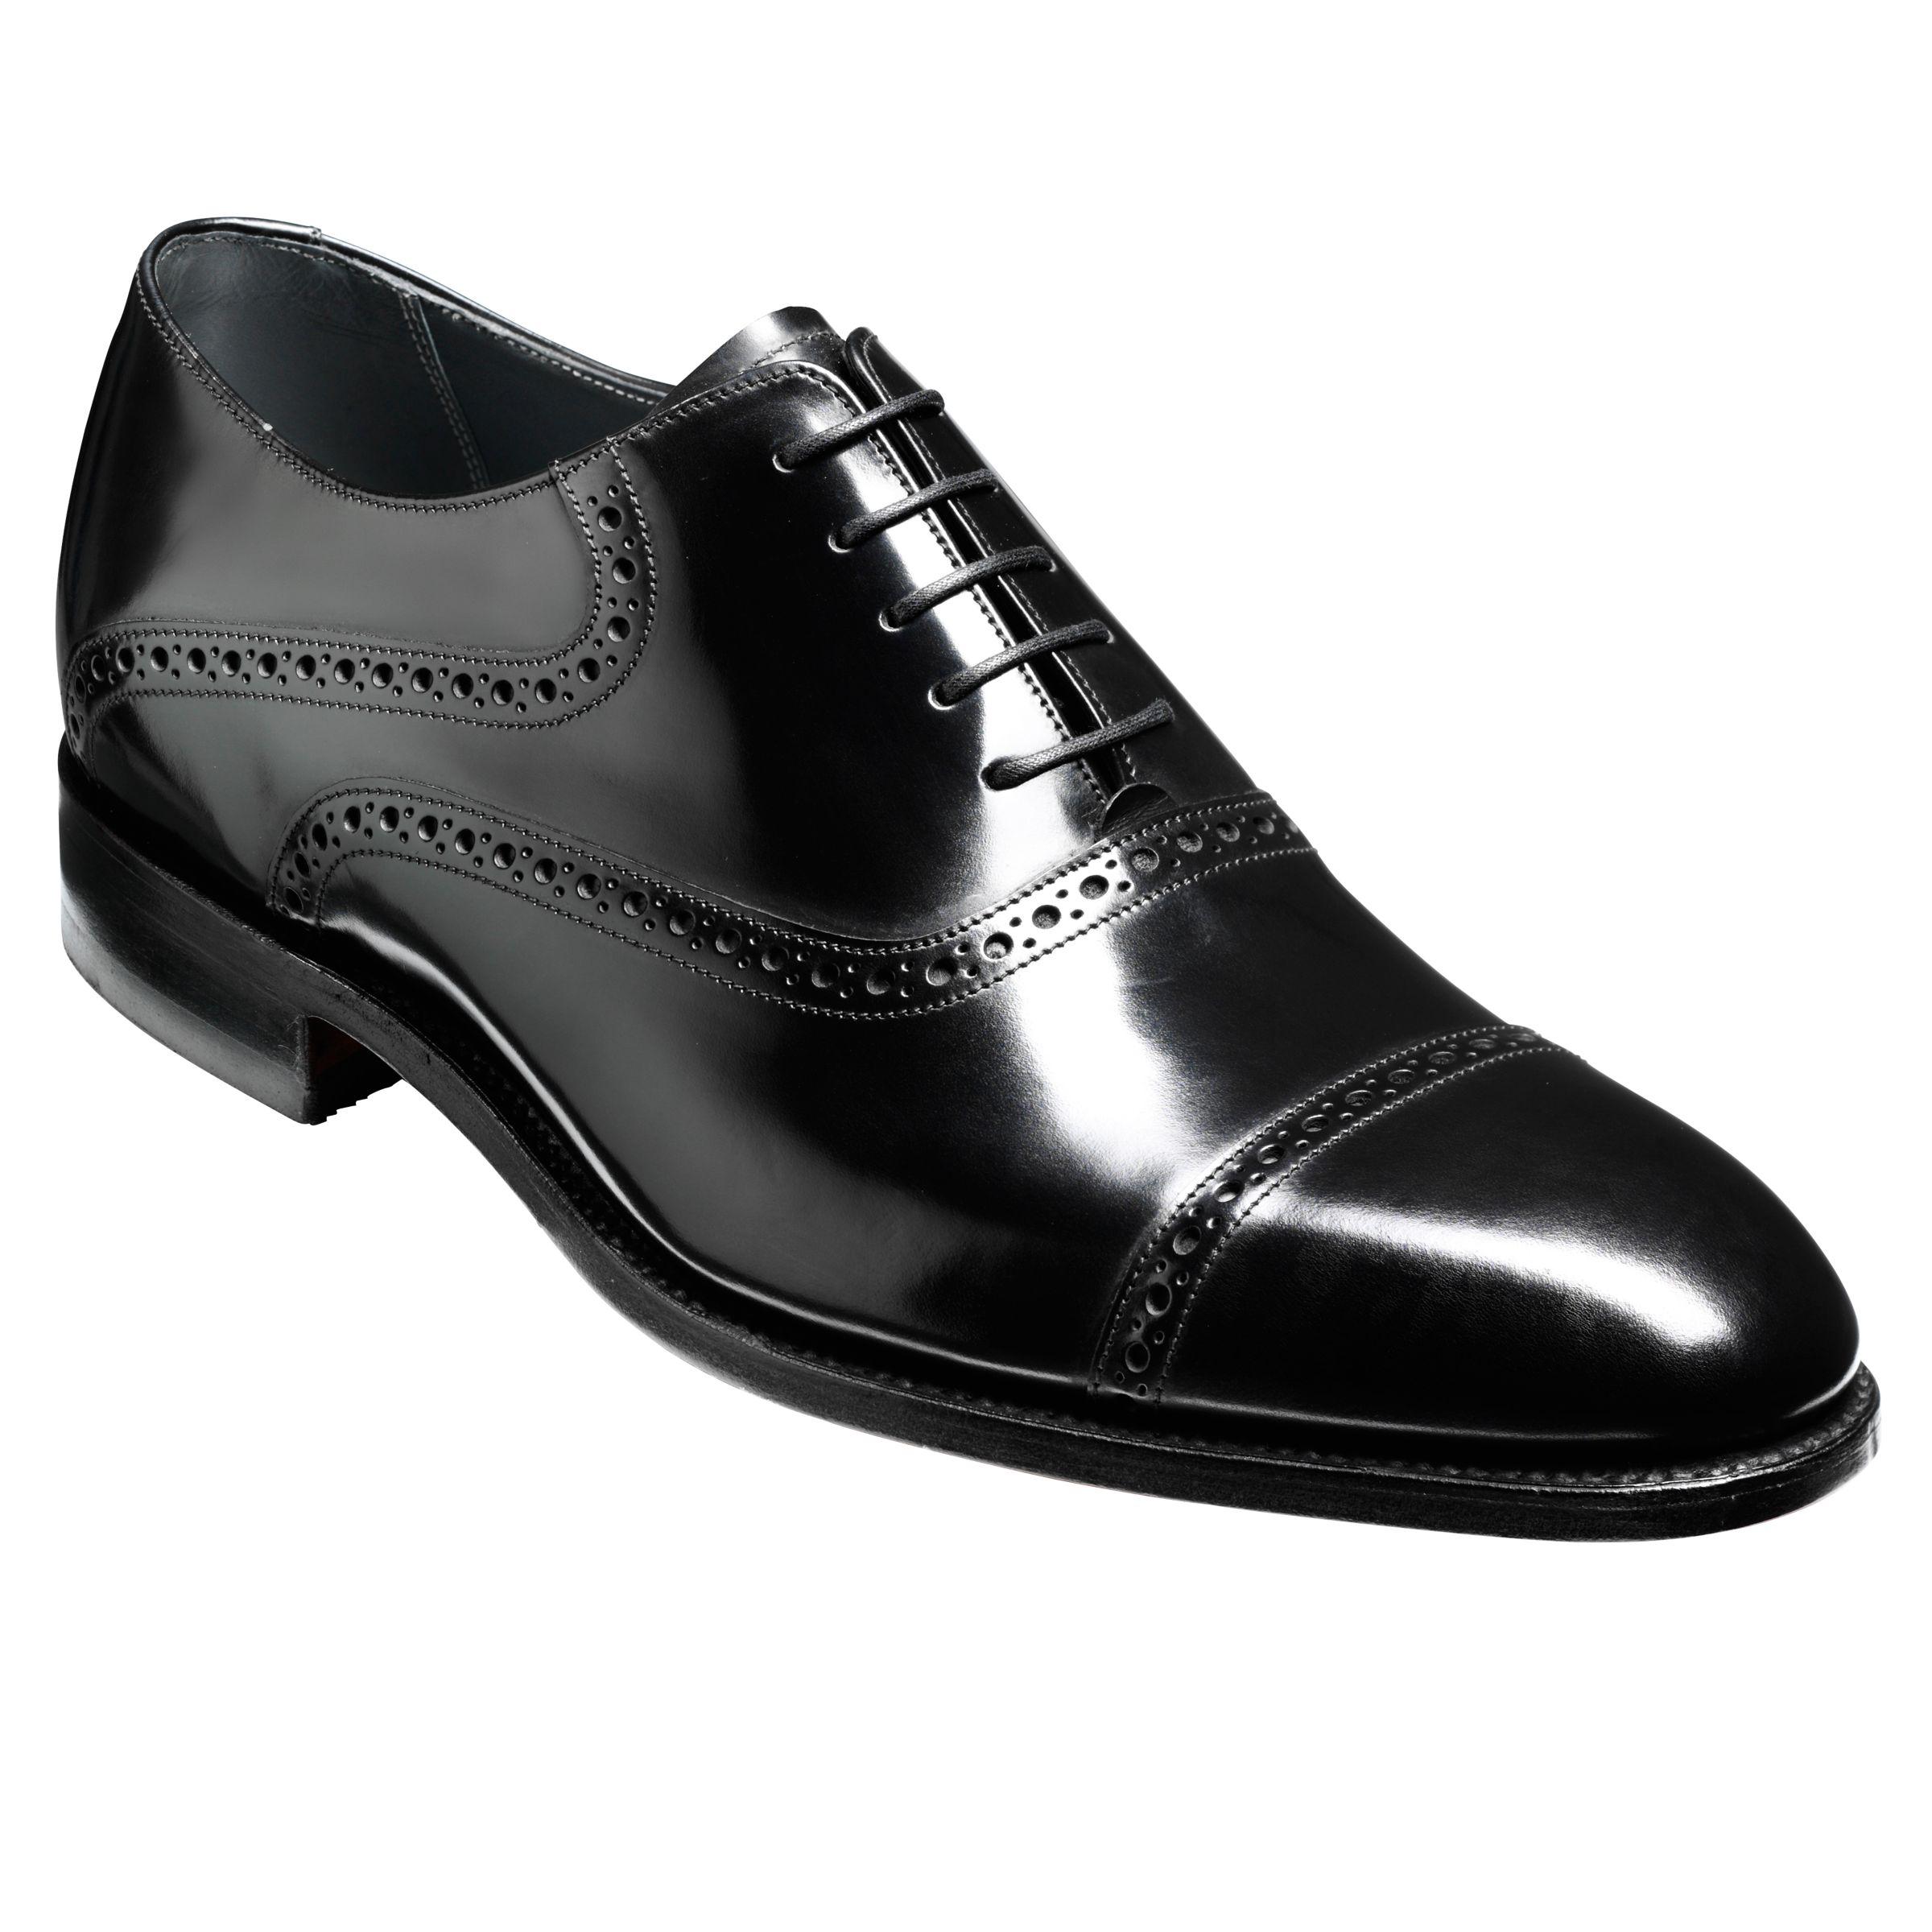 John Lewis Baby Shoes